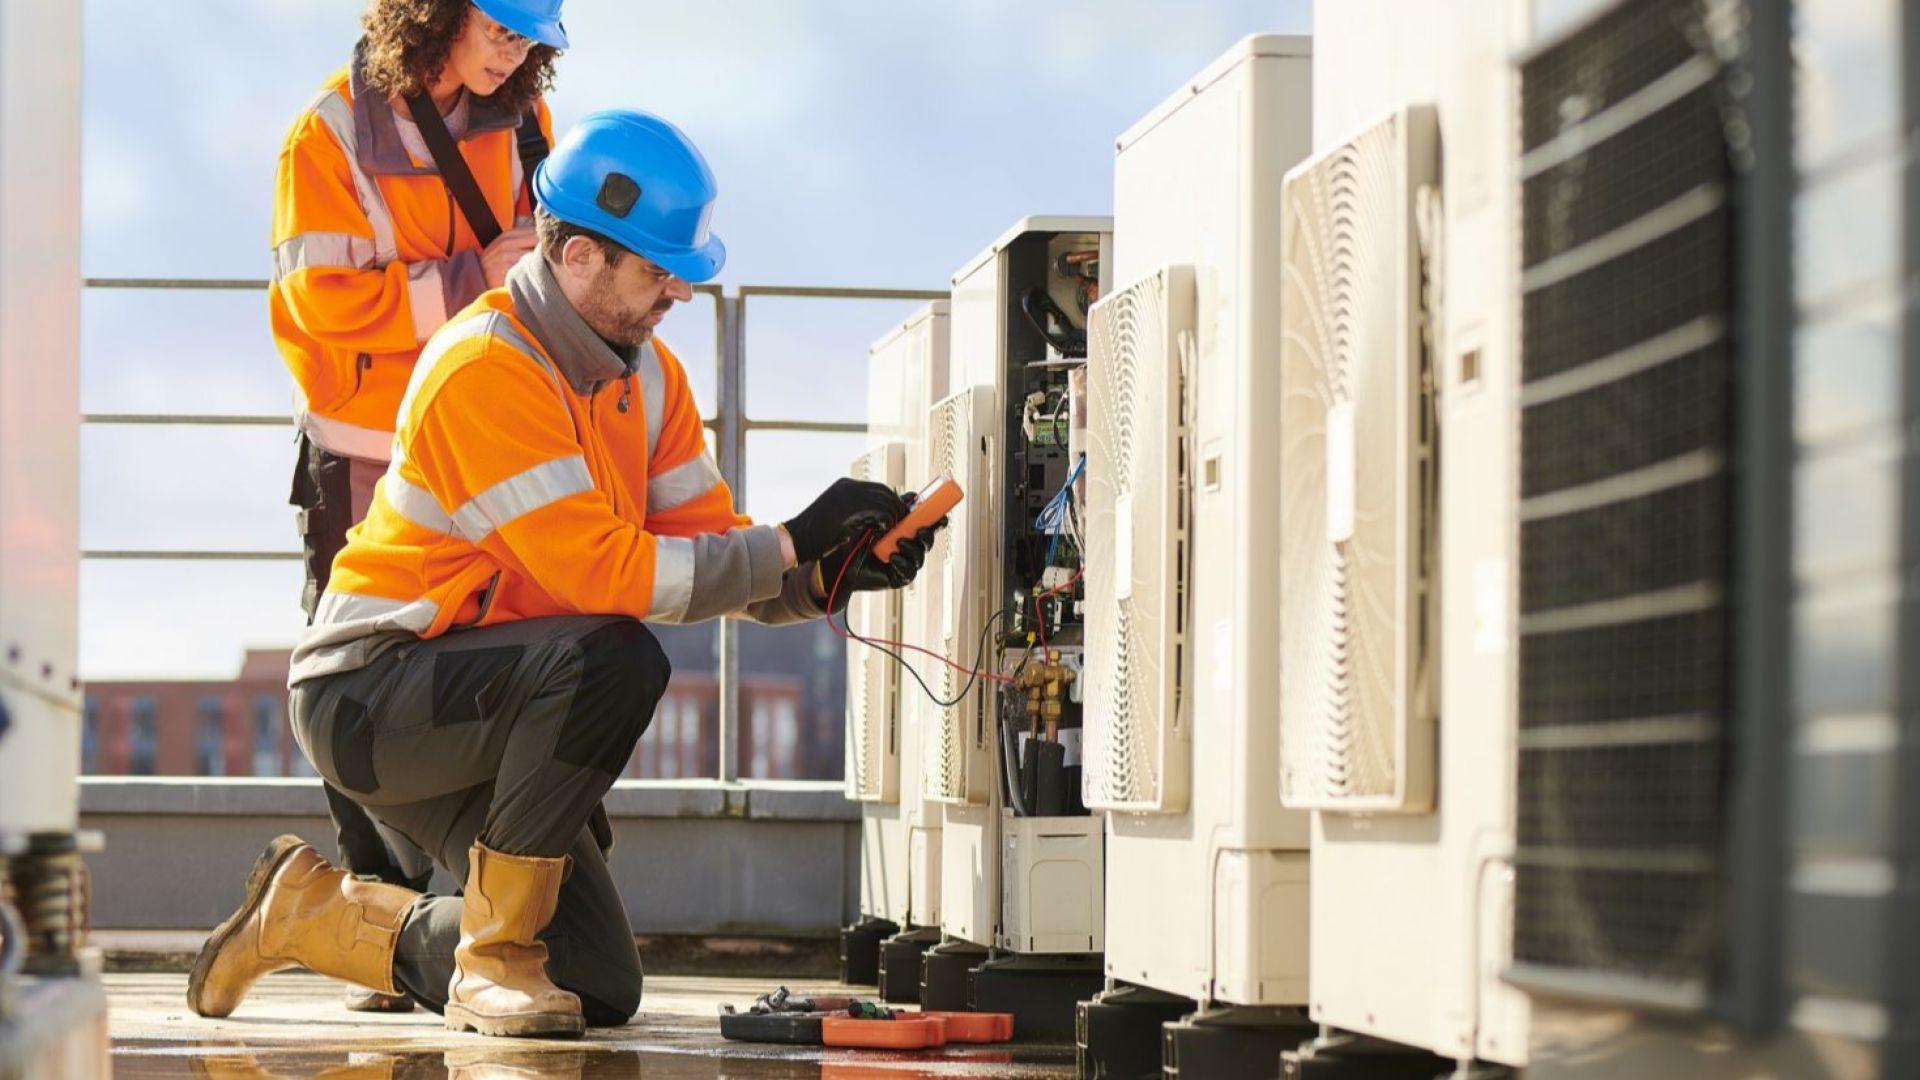 Теменужка Петкова: Енергийният сектор е стабилен, но всеки трябва да си плаща сметките